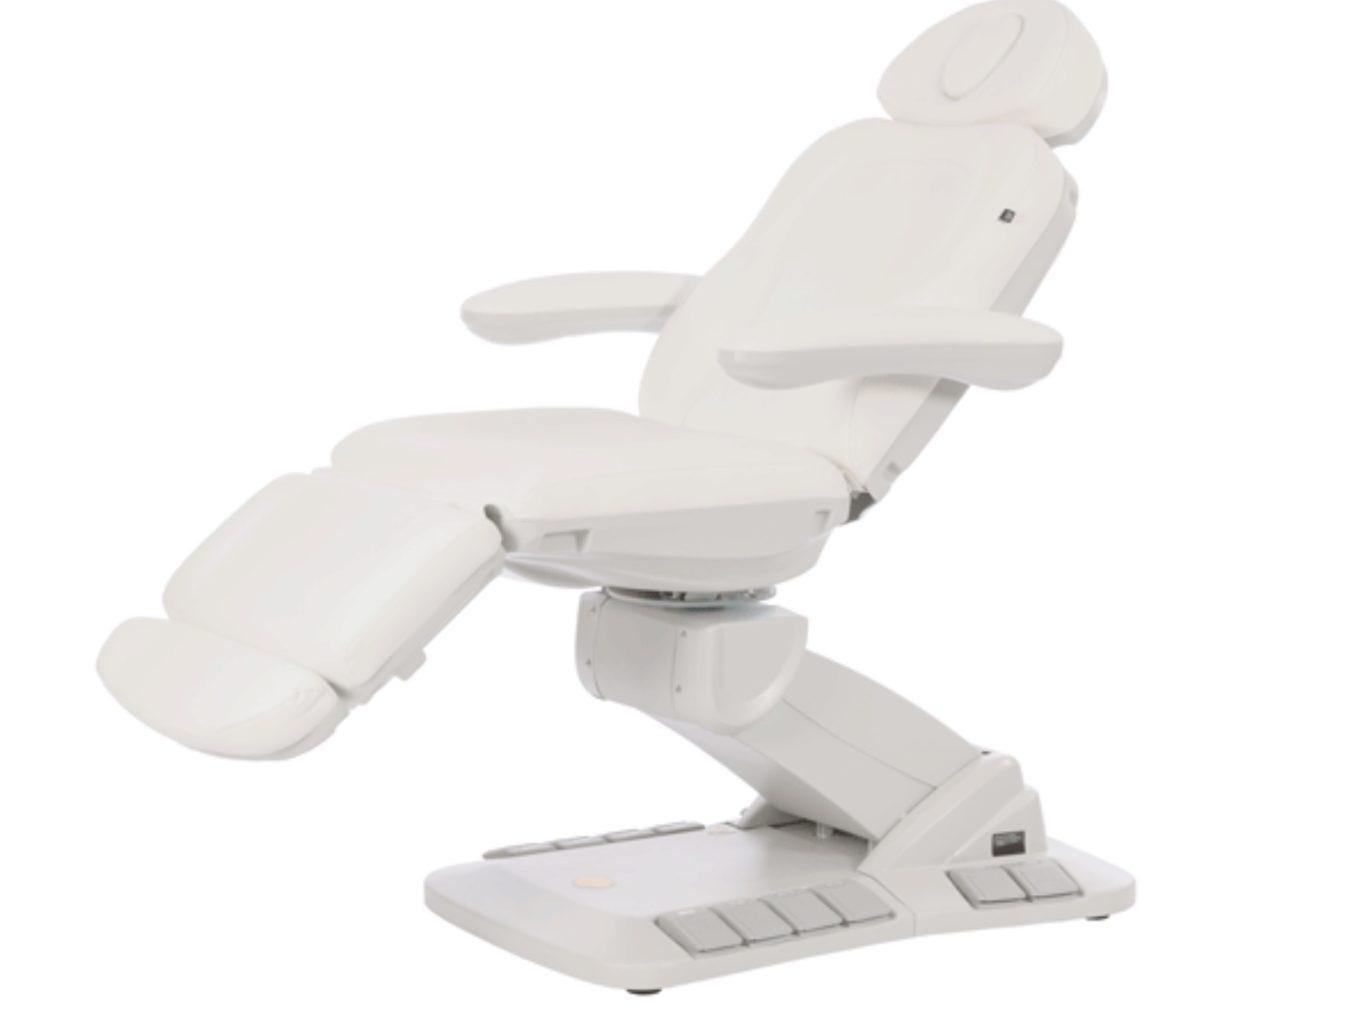 Mandi Poltrona lettino elettrica professionale 4 motori massaggi estetica estetista EB